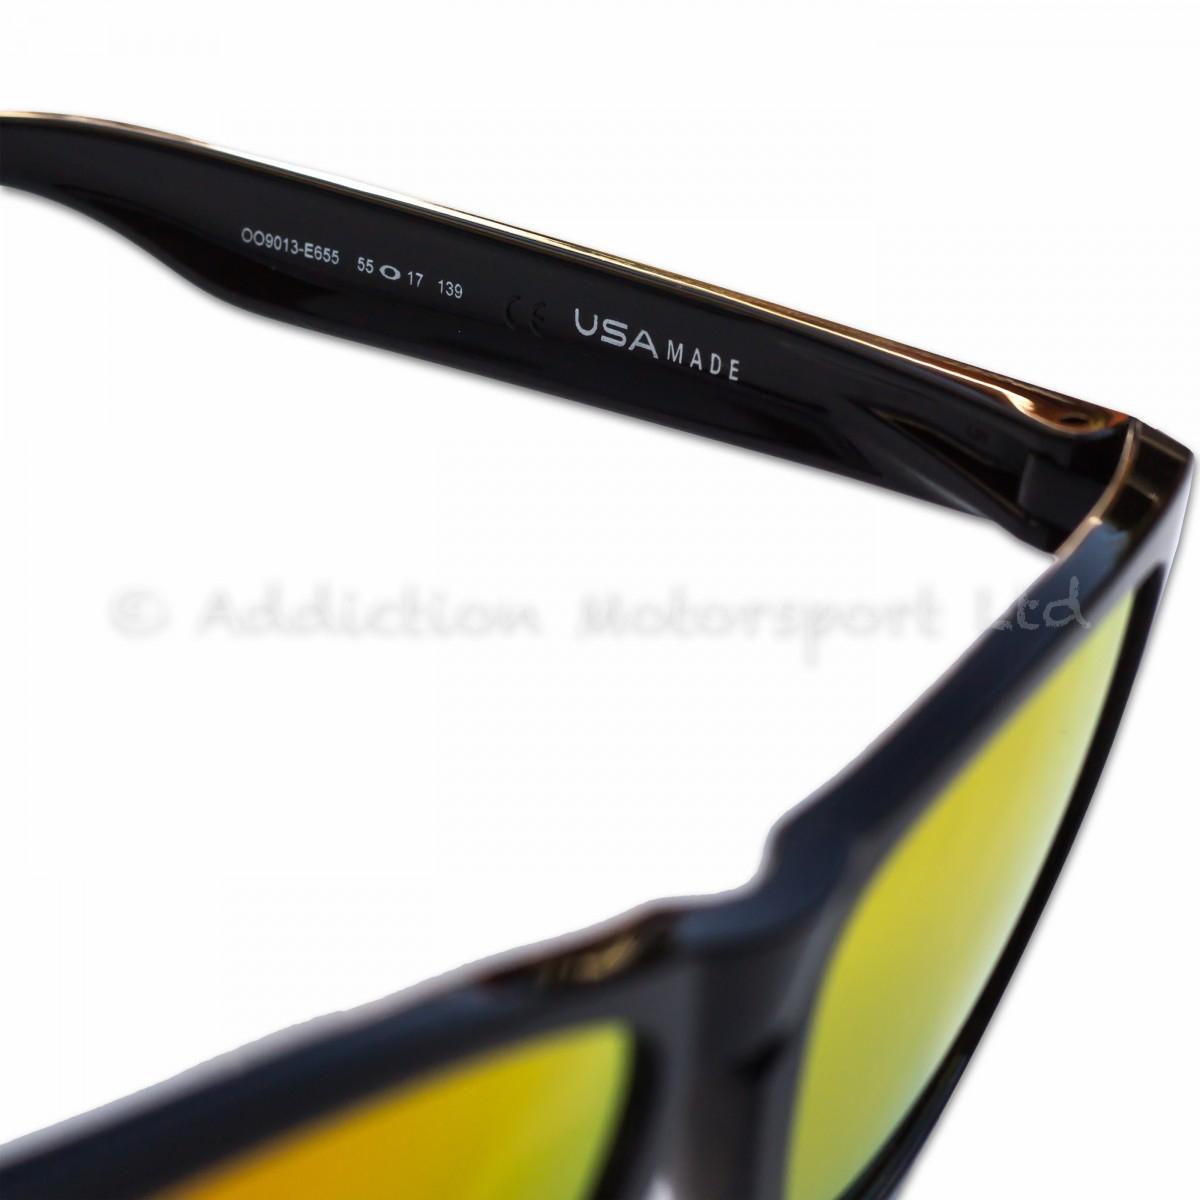 OAKLEY Frogskins Valentino Rossi VR46 Signature Prizm Sunglasses New 2018  Design OO9013-E655 5103f248b690